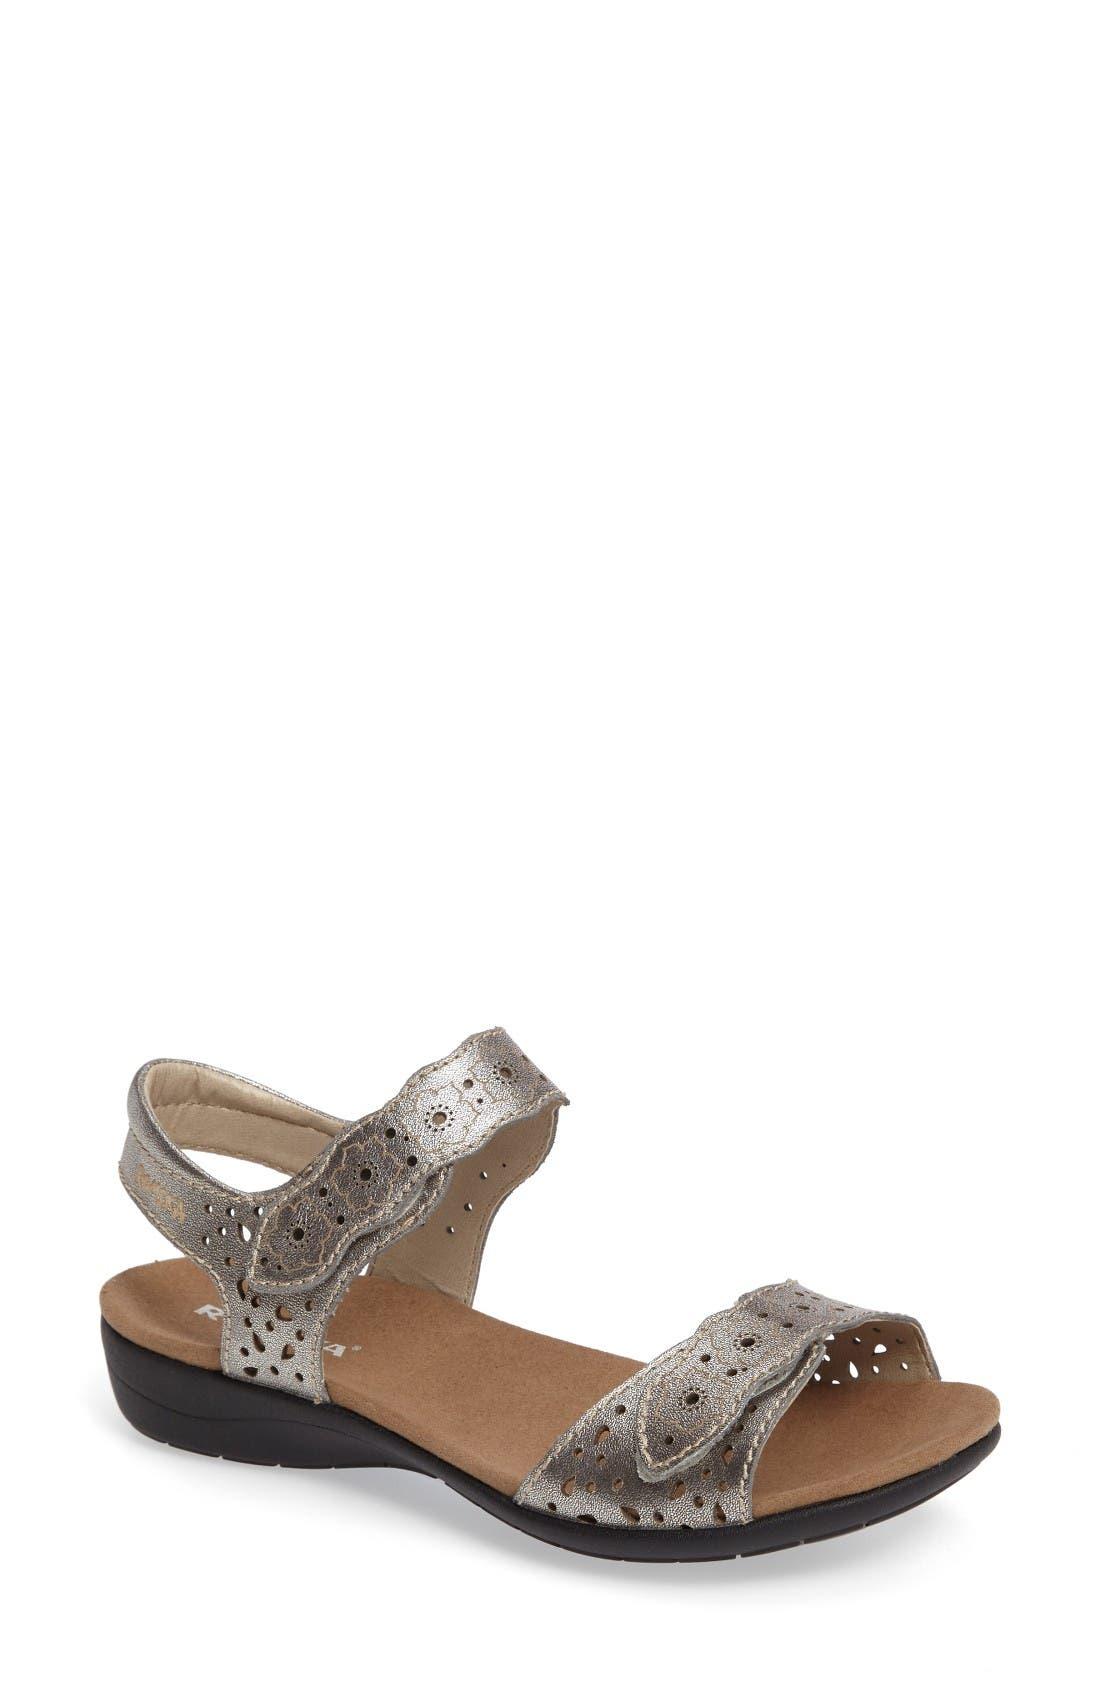 'Tahiti 03' Quarter Strap Sandal,                             Main thumbnail 1, color,                             Anthracite Leather